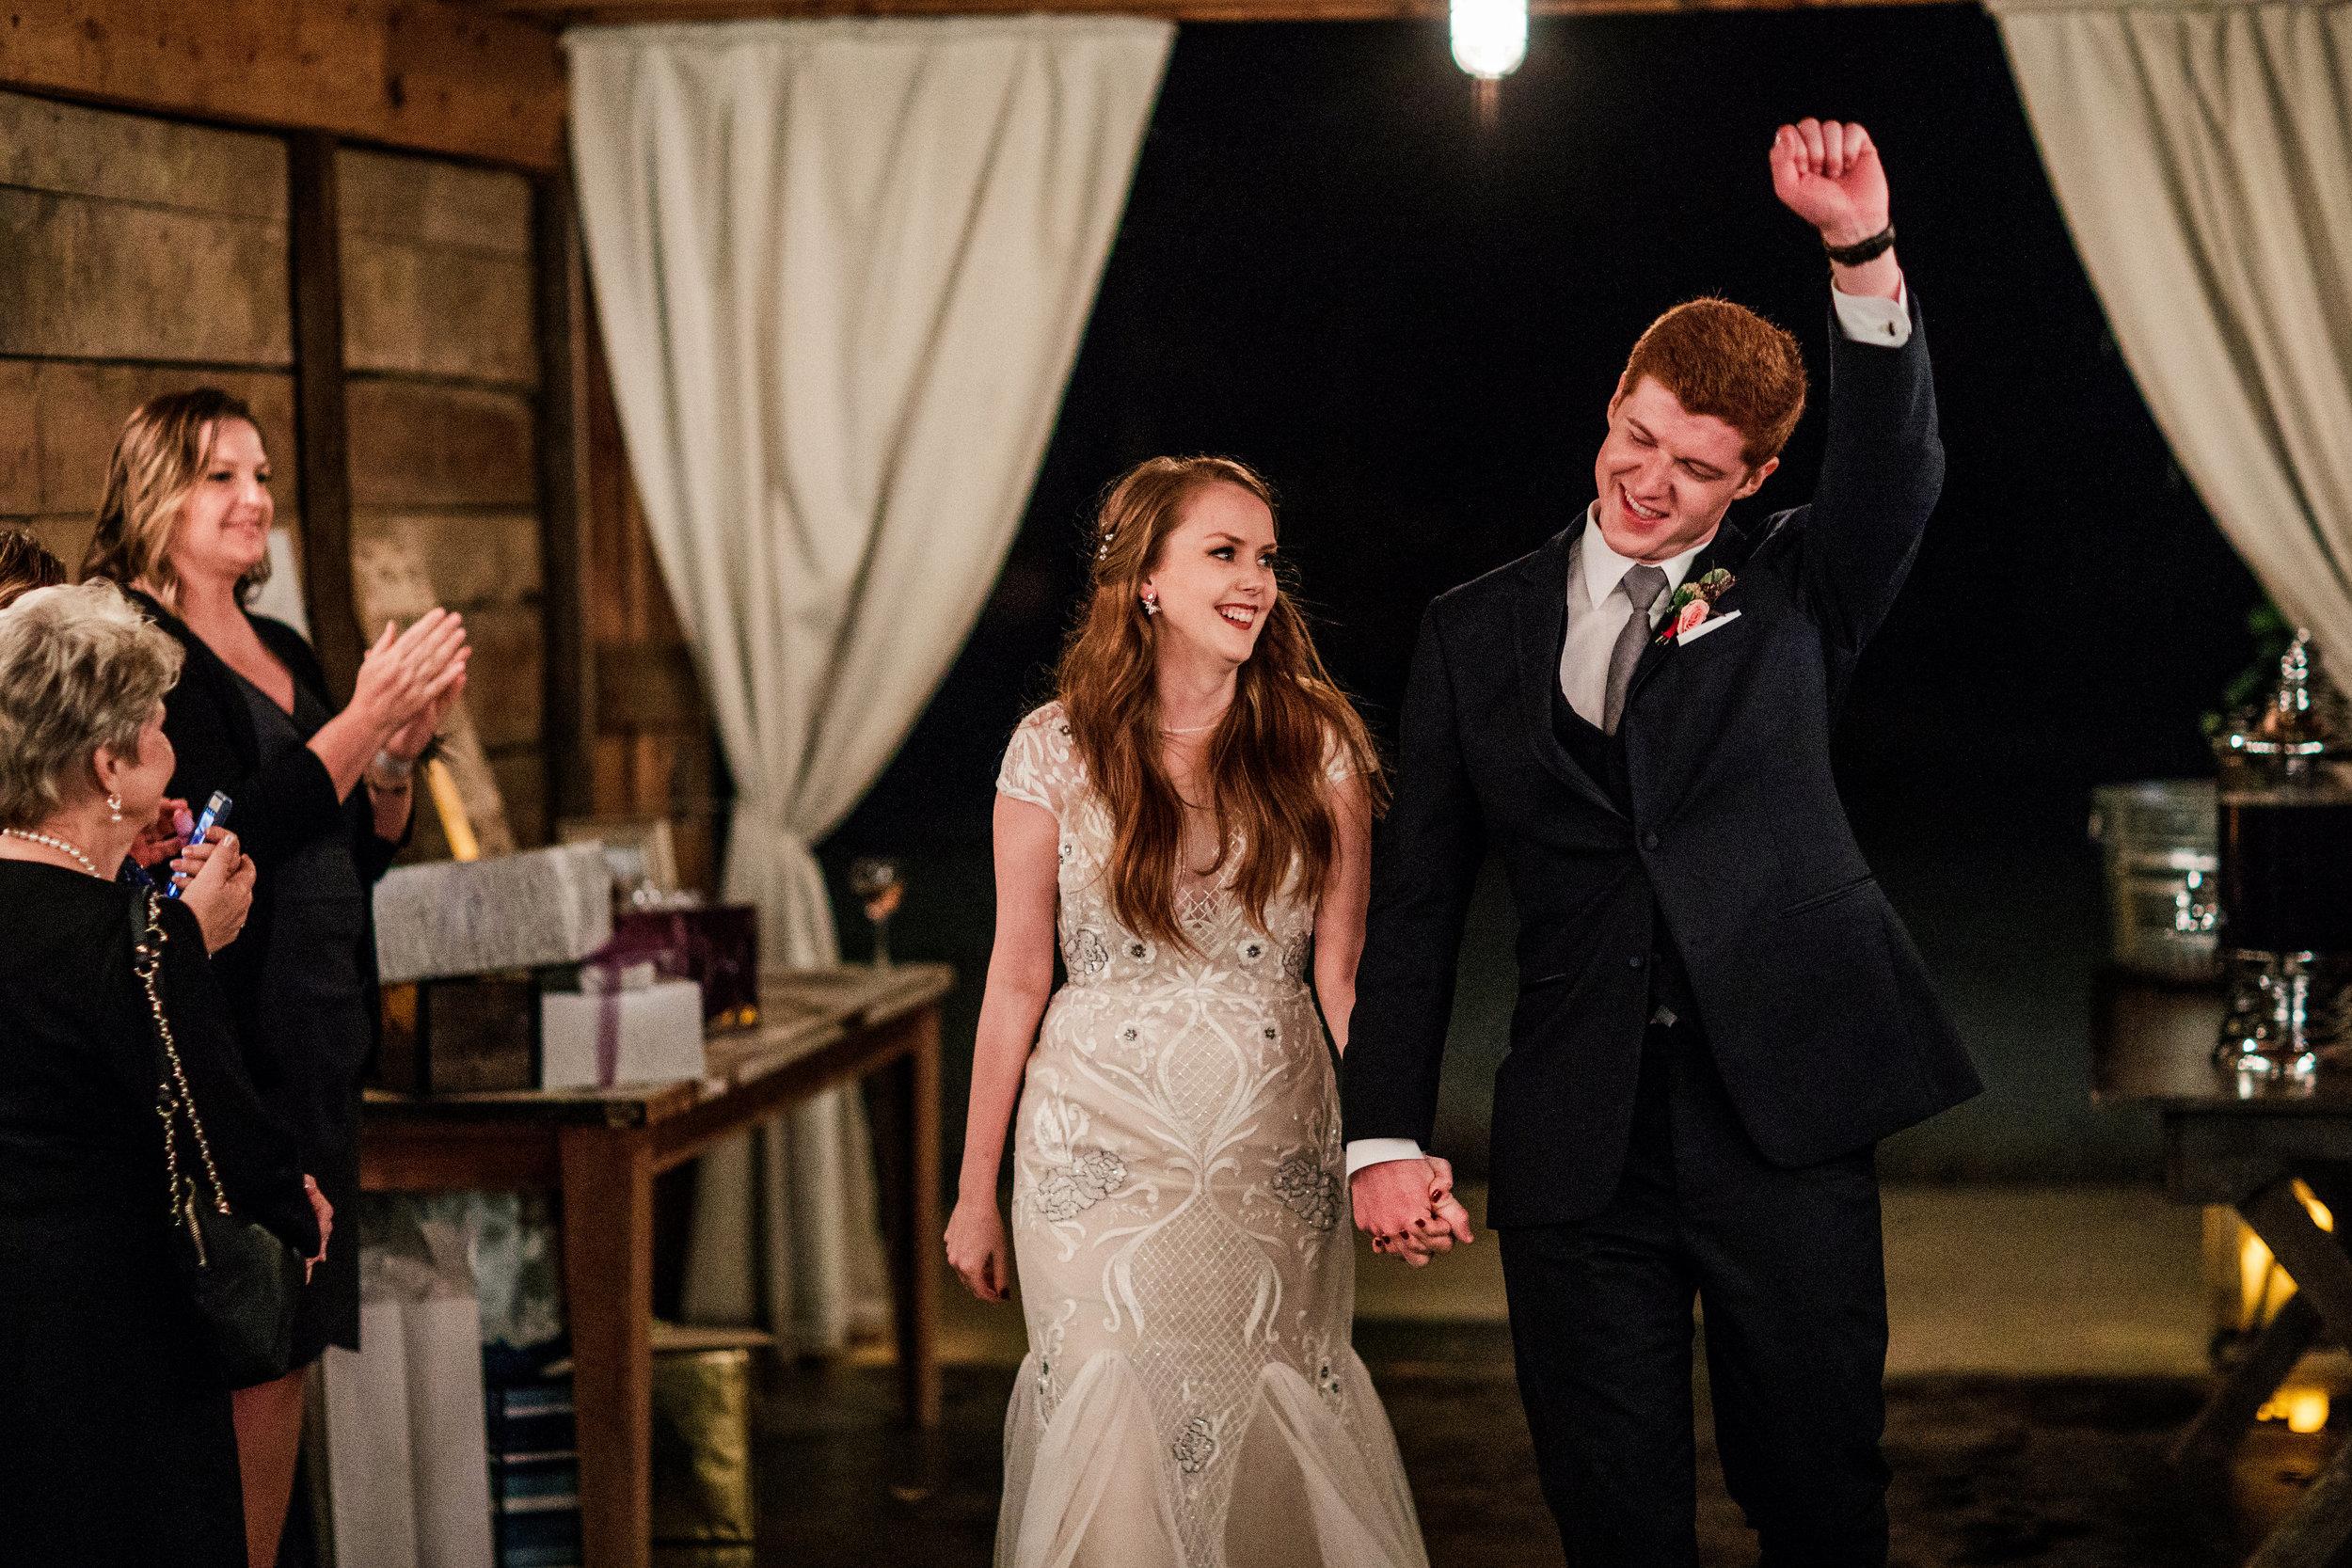 Wrens-Nest-Wedding-Murfreesboro-TN 48.jpg